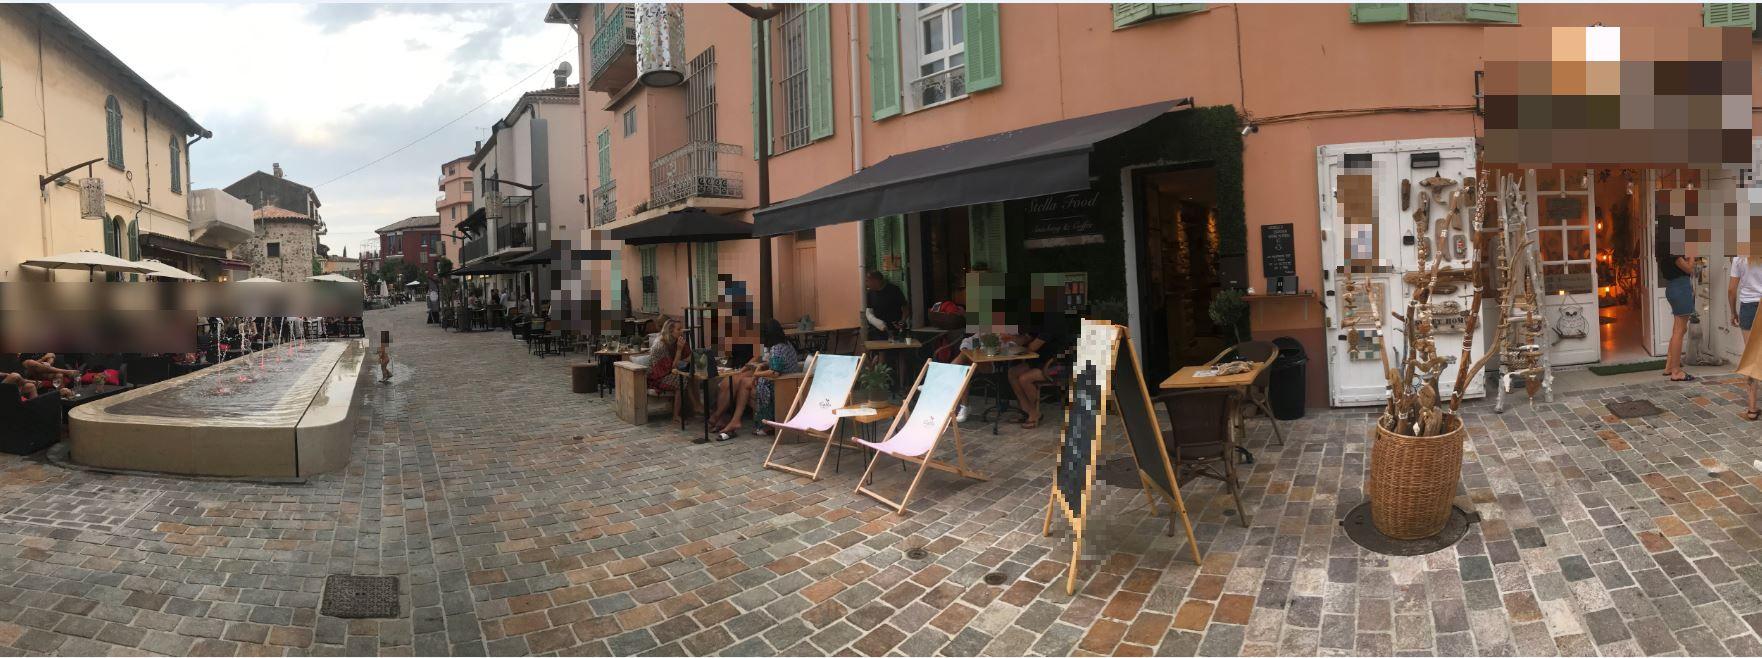 Vente Local commercial idéal pour toutes activités boutique ou un restaurant à Mandelieu-la-Napoule dans une zone piétonne touristique (06210)